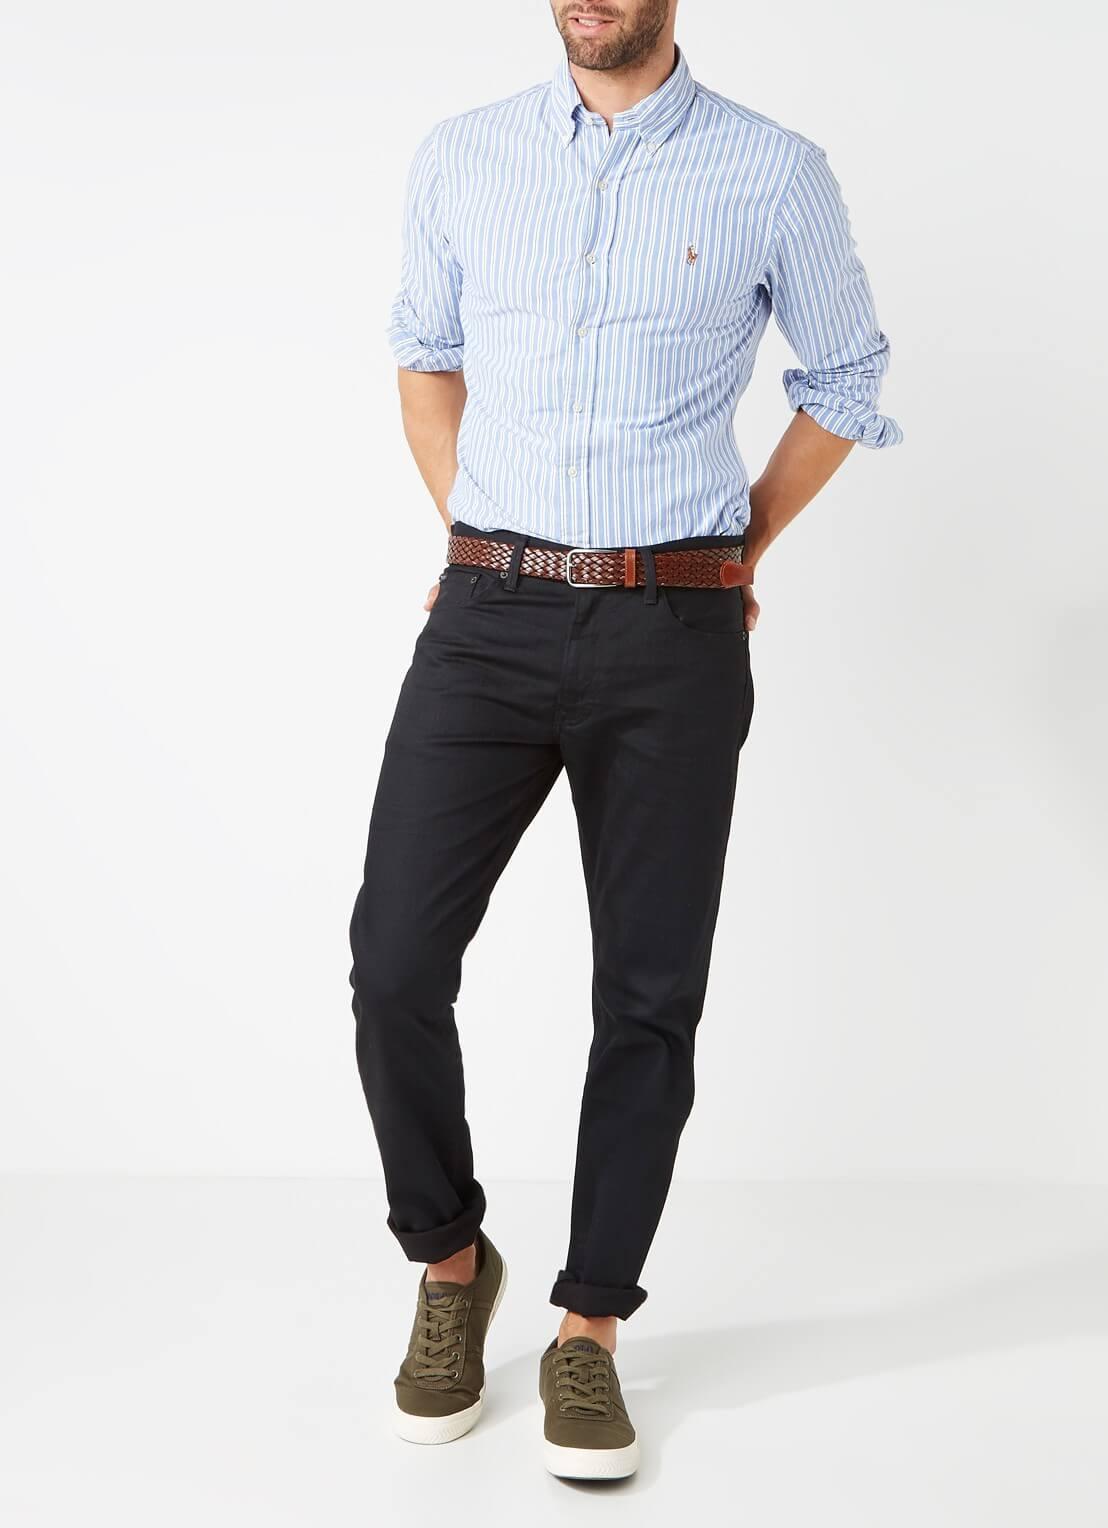 Weekend wear 1 - Mr.Draper